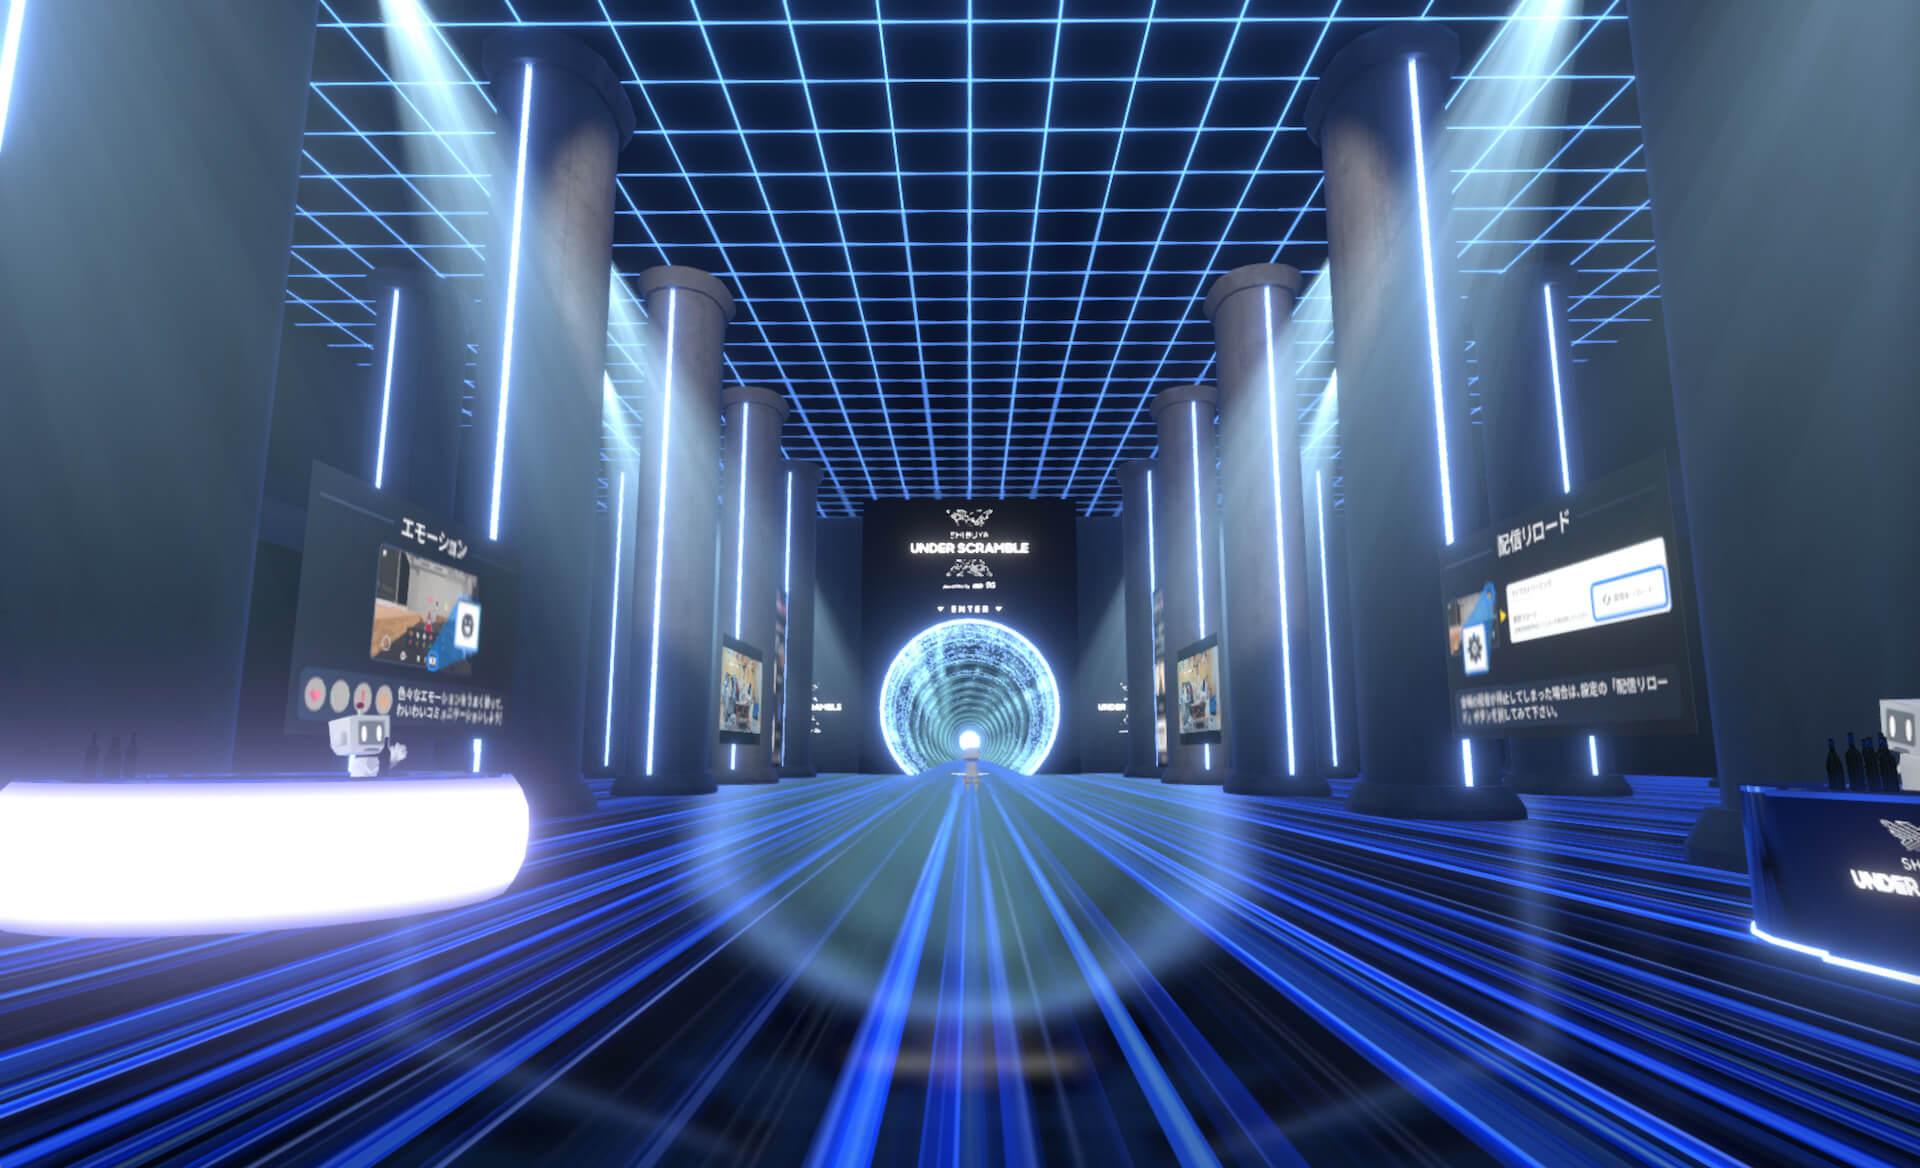 バーチャル渋谷にライブハウスがオープン!音楽ライブ<YOU MAKE SHIBUYA VIRTUAL MUSIC LIVE>総勢100組のラインナップが発表 music210414_virtualshibuya-210414_2